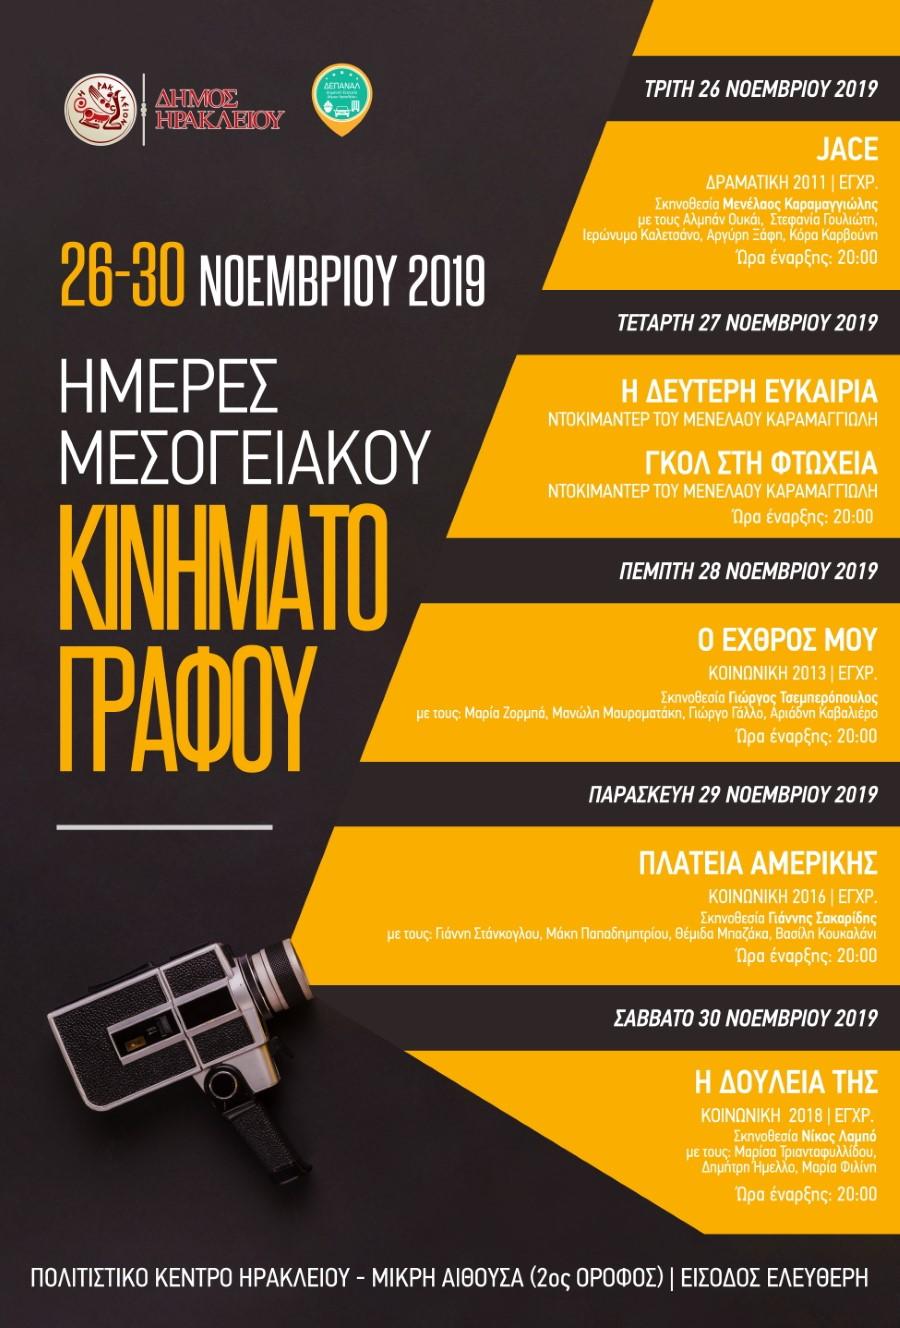 imeres-mesogiakou-kinimatografou-1